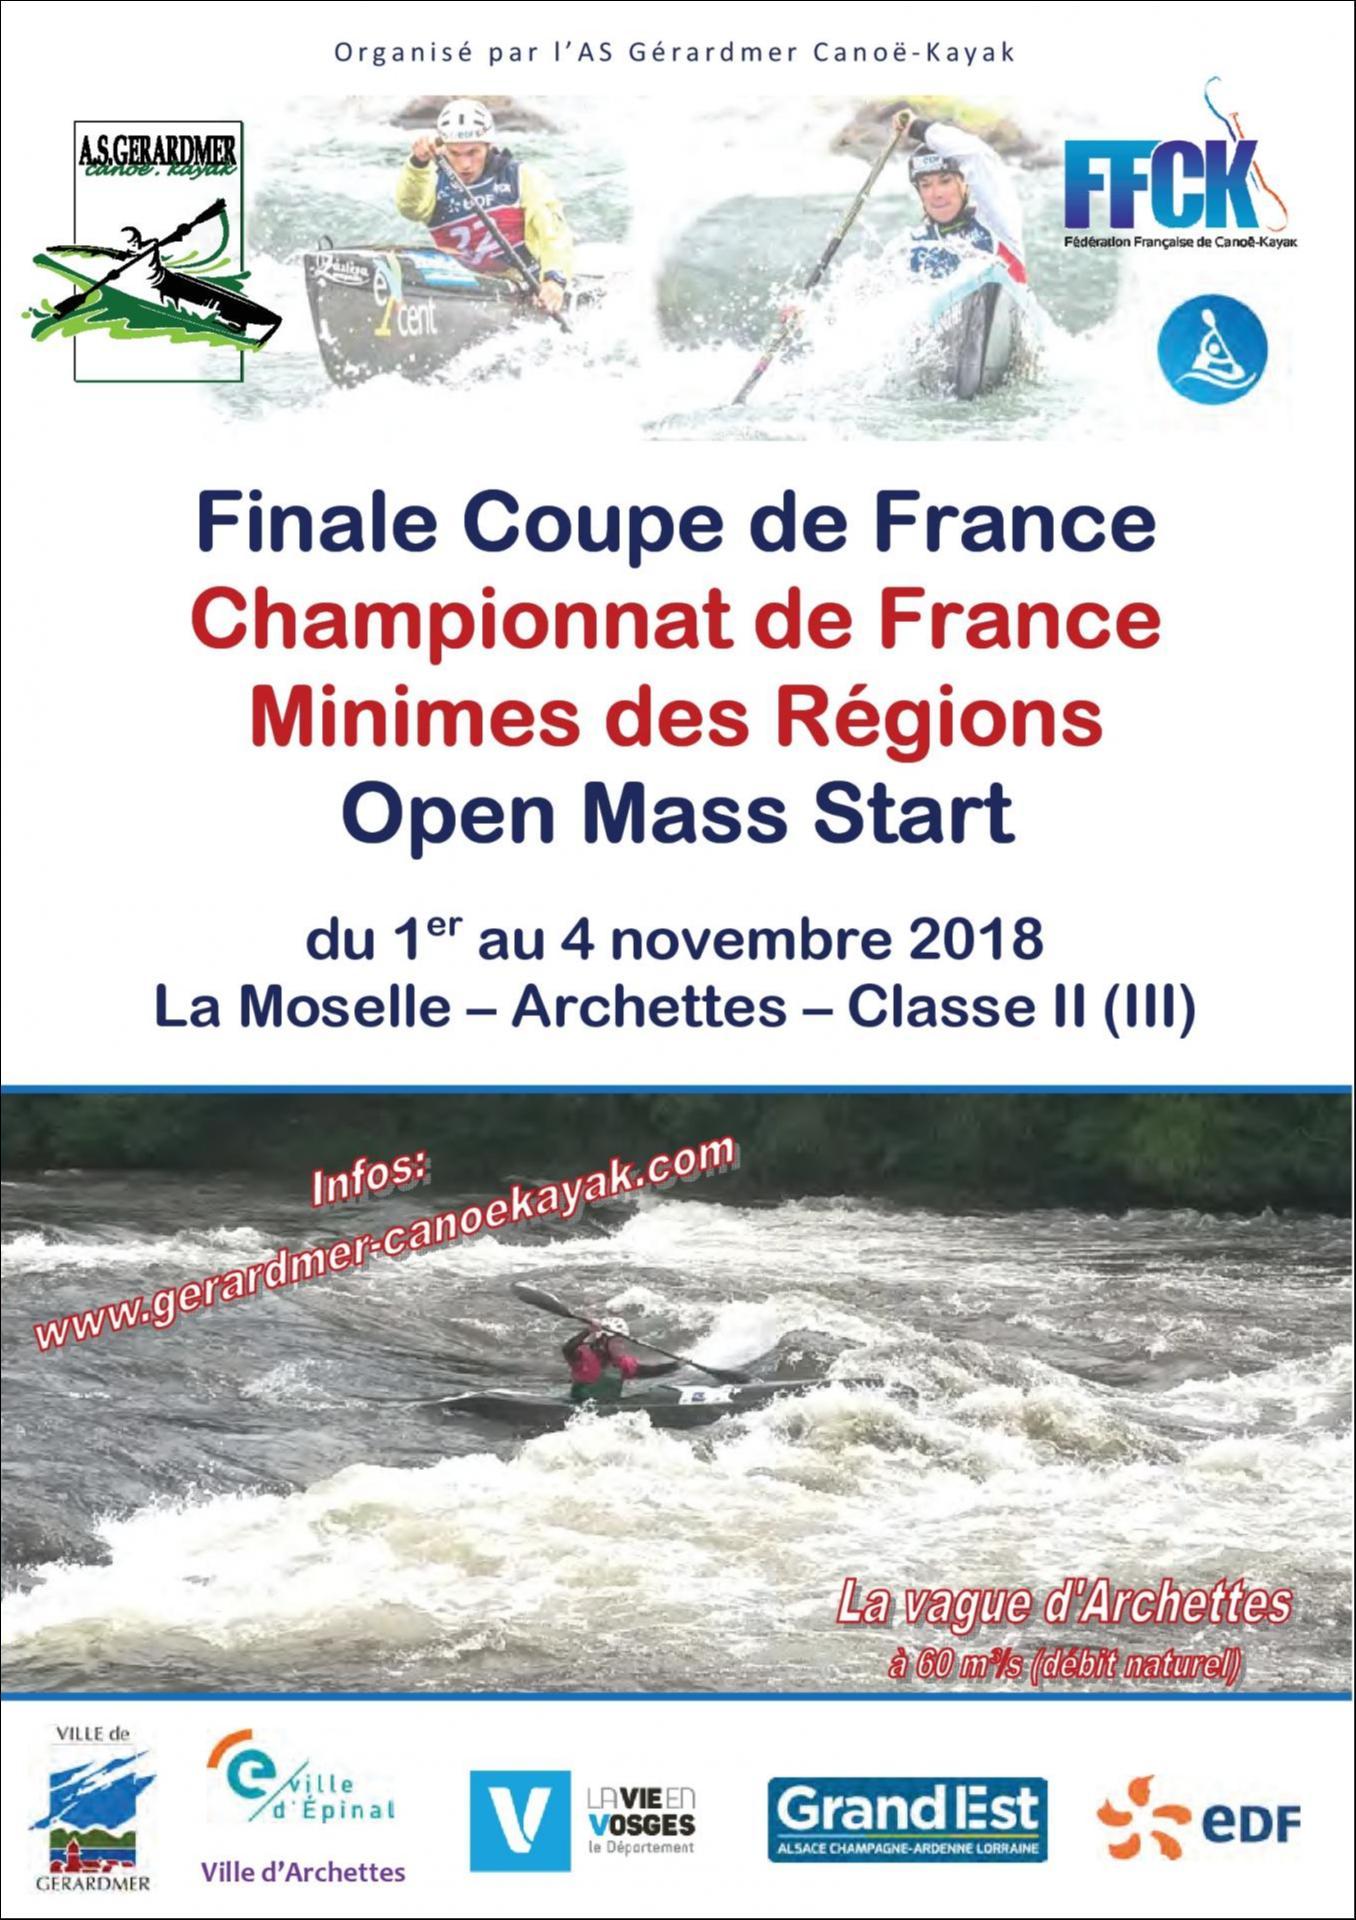 2018 .11.01 au 04 - Affiche CDF Minimes des Régions & Finale Coupe de France